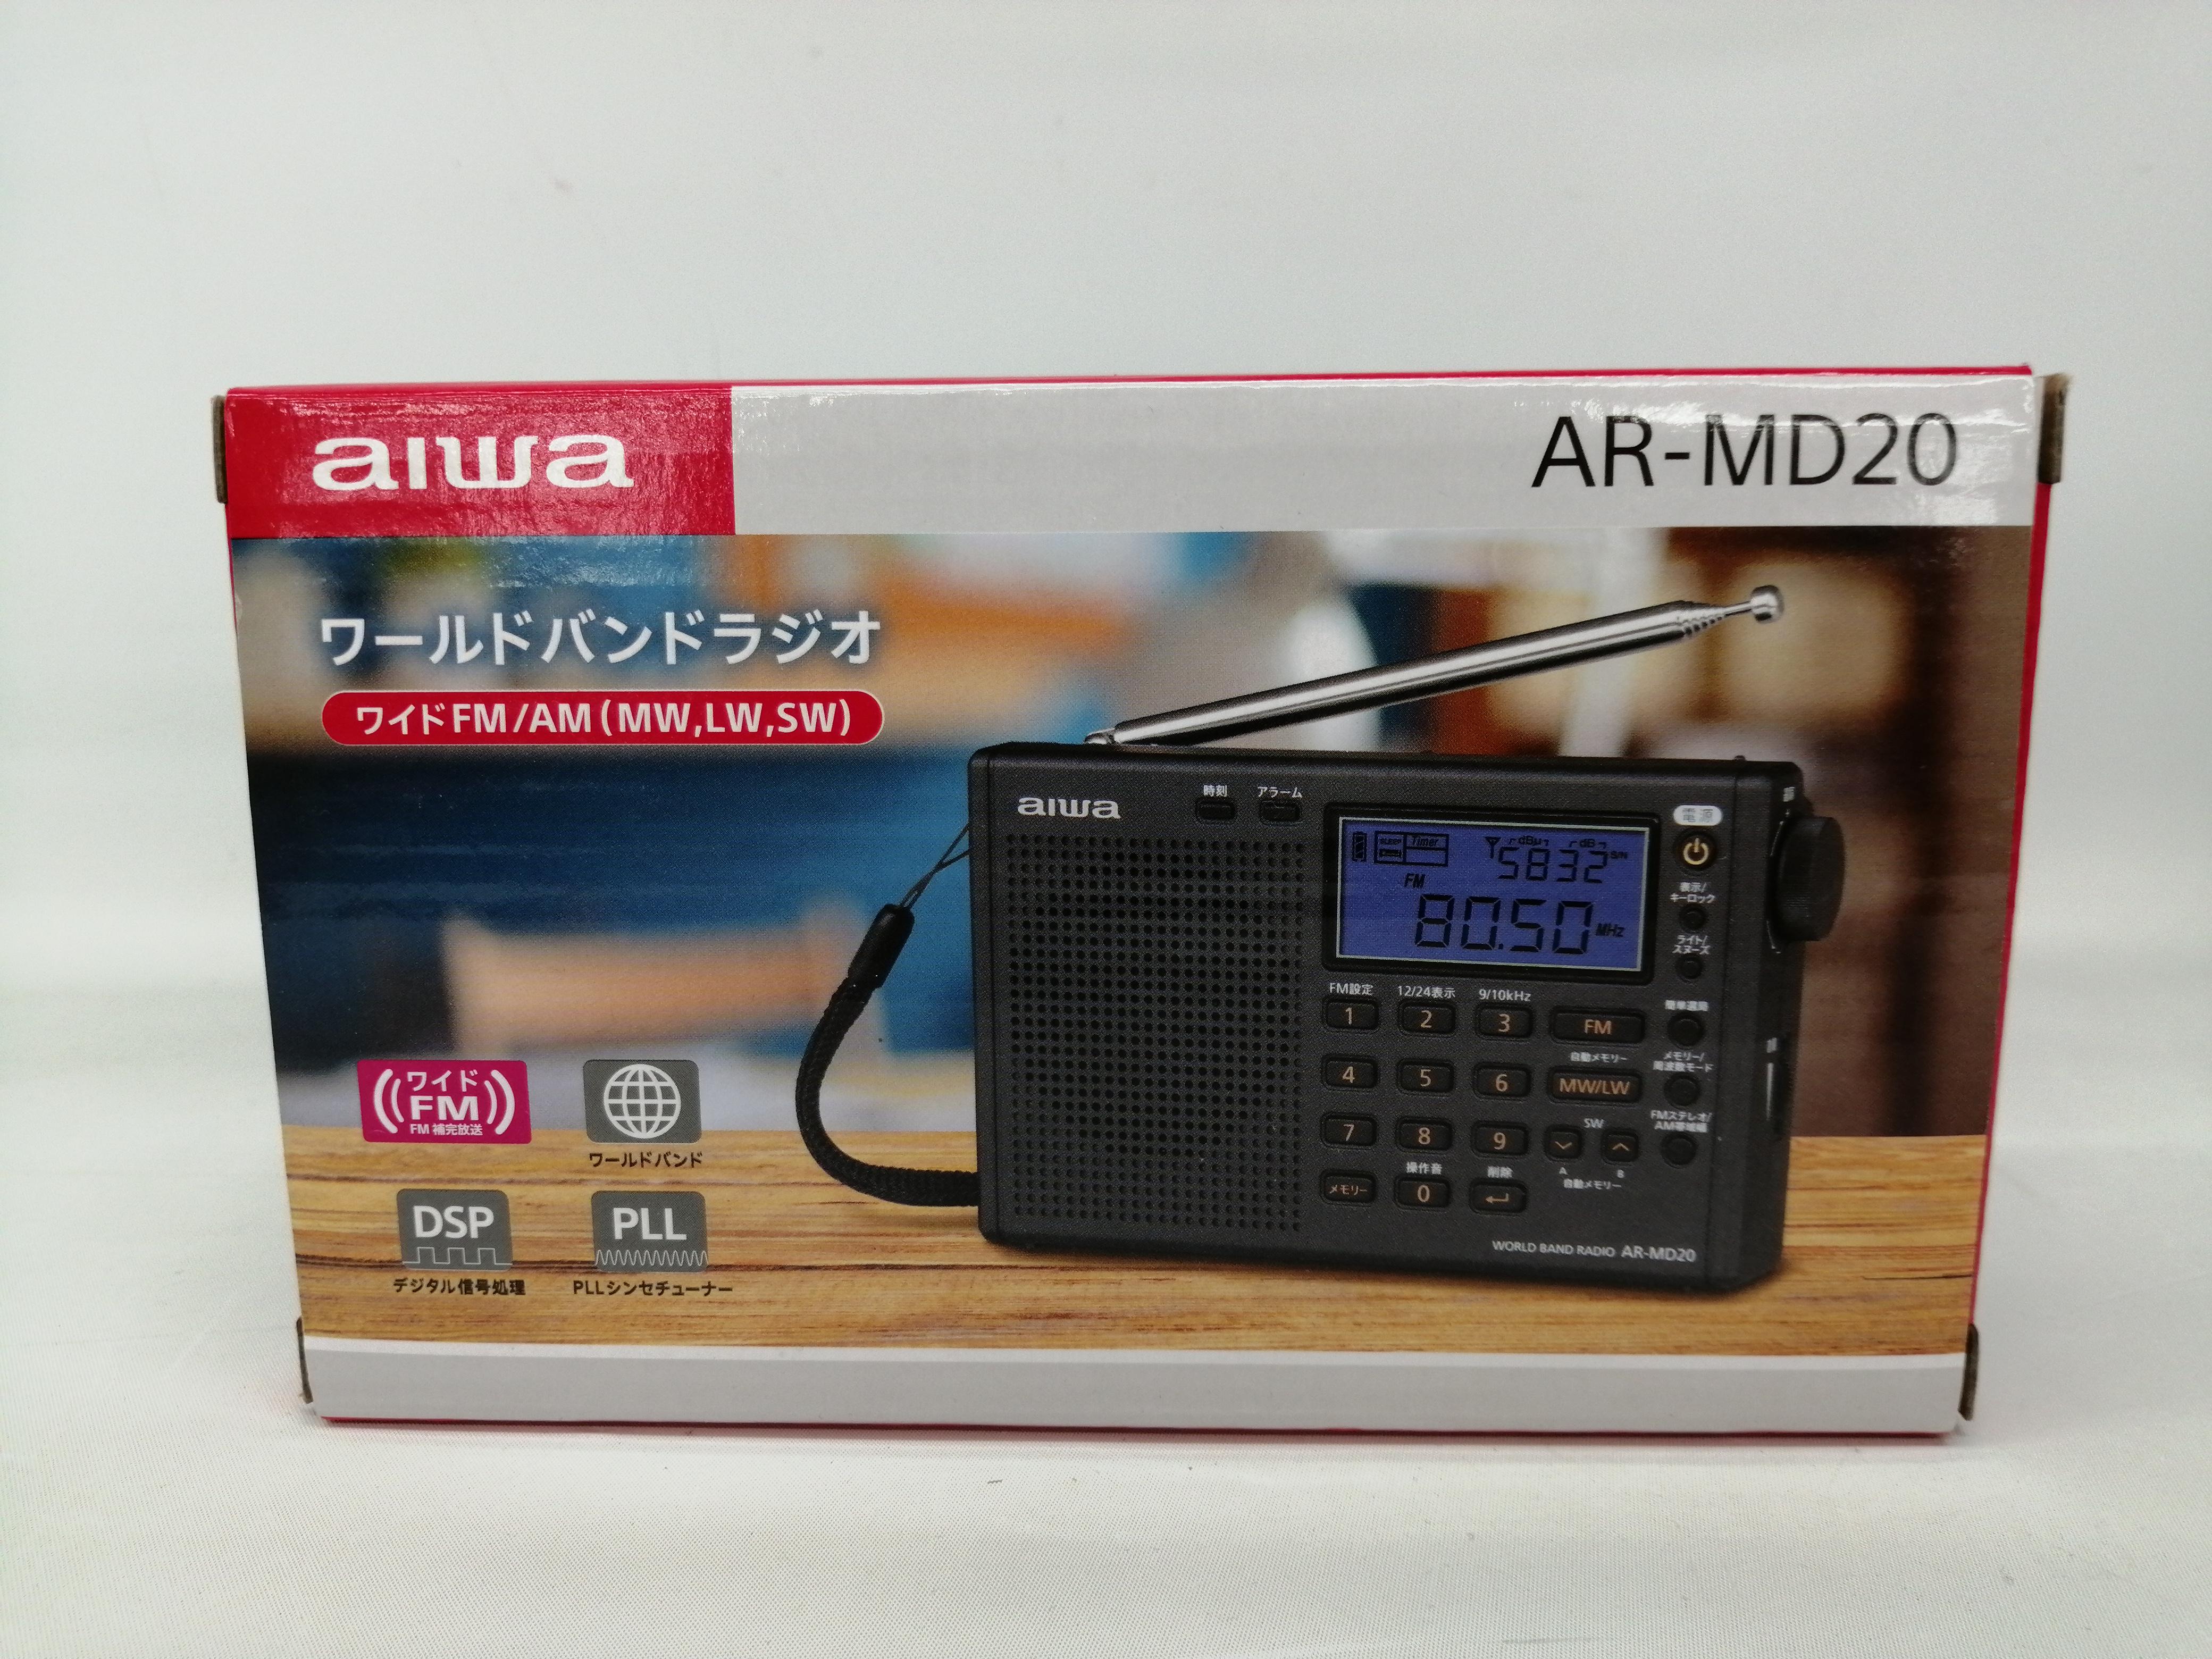 ワールドバンドラジオ|AIWA